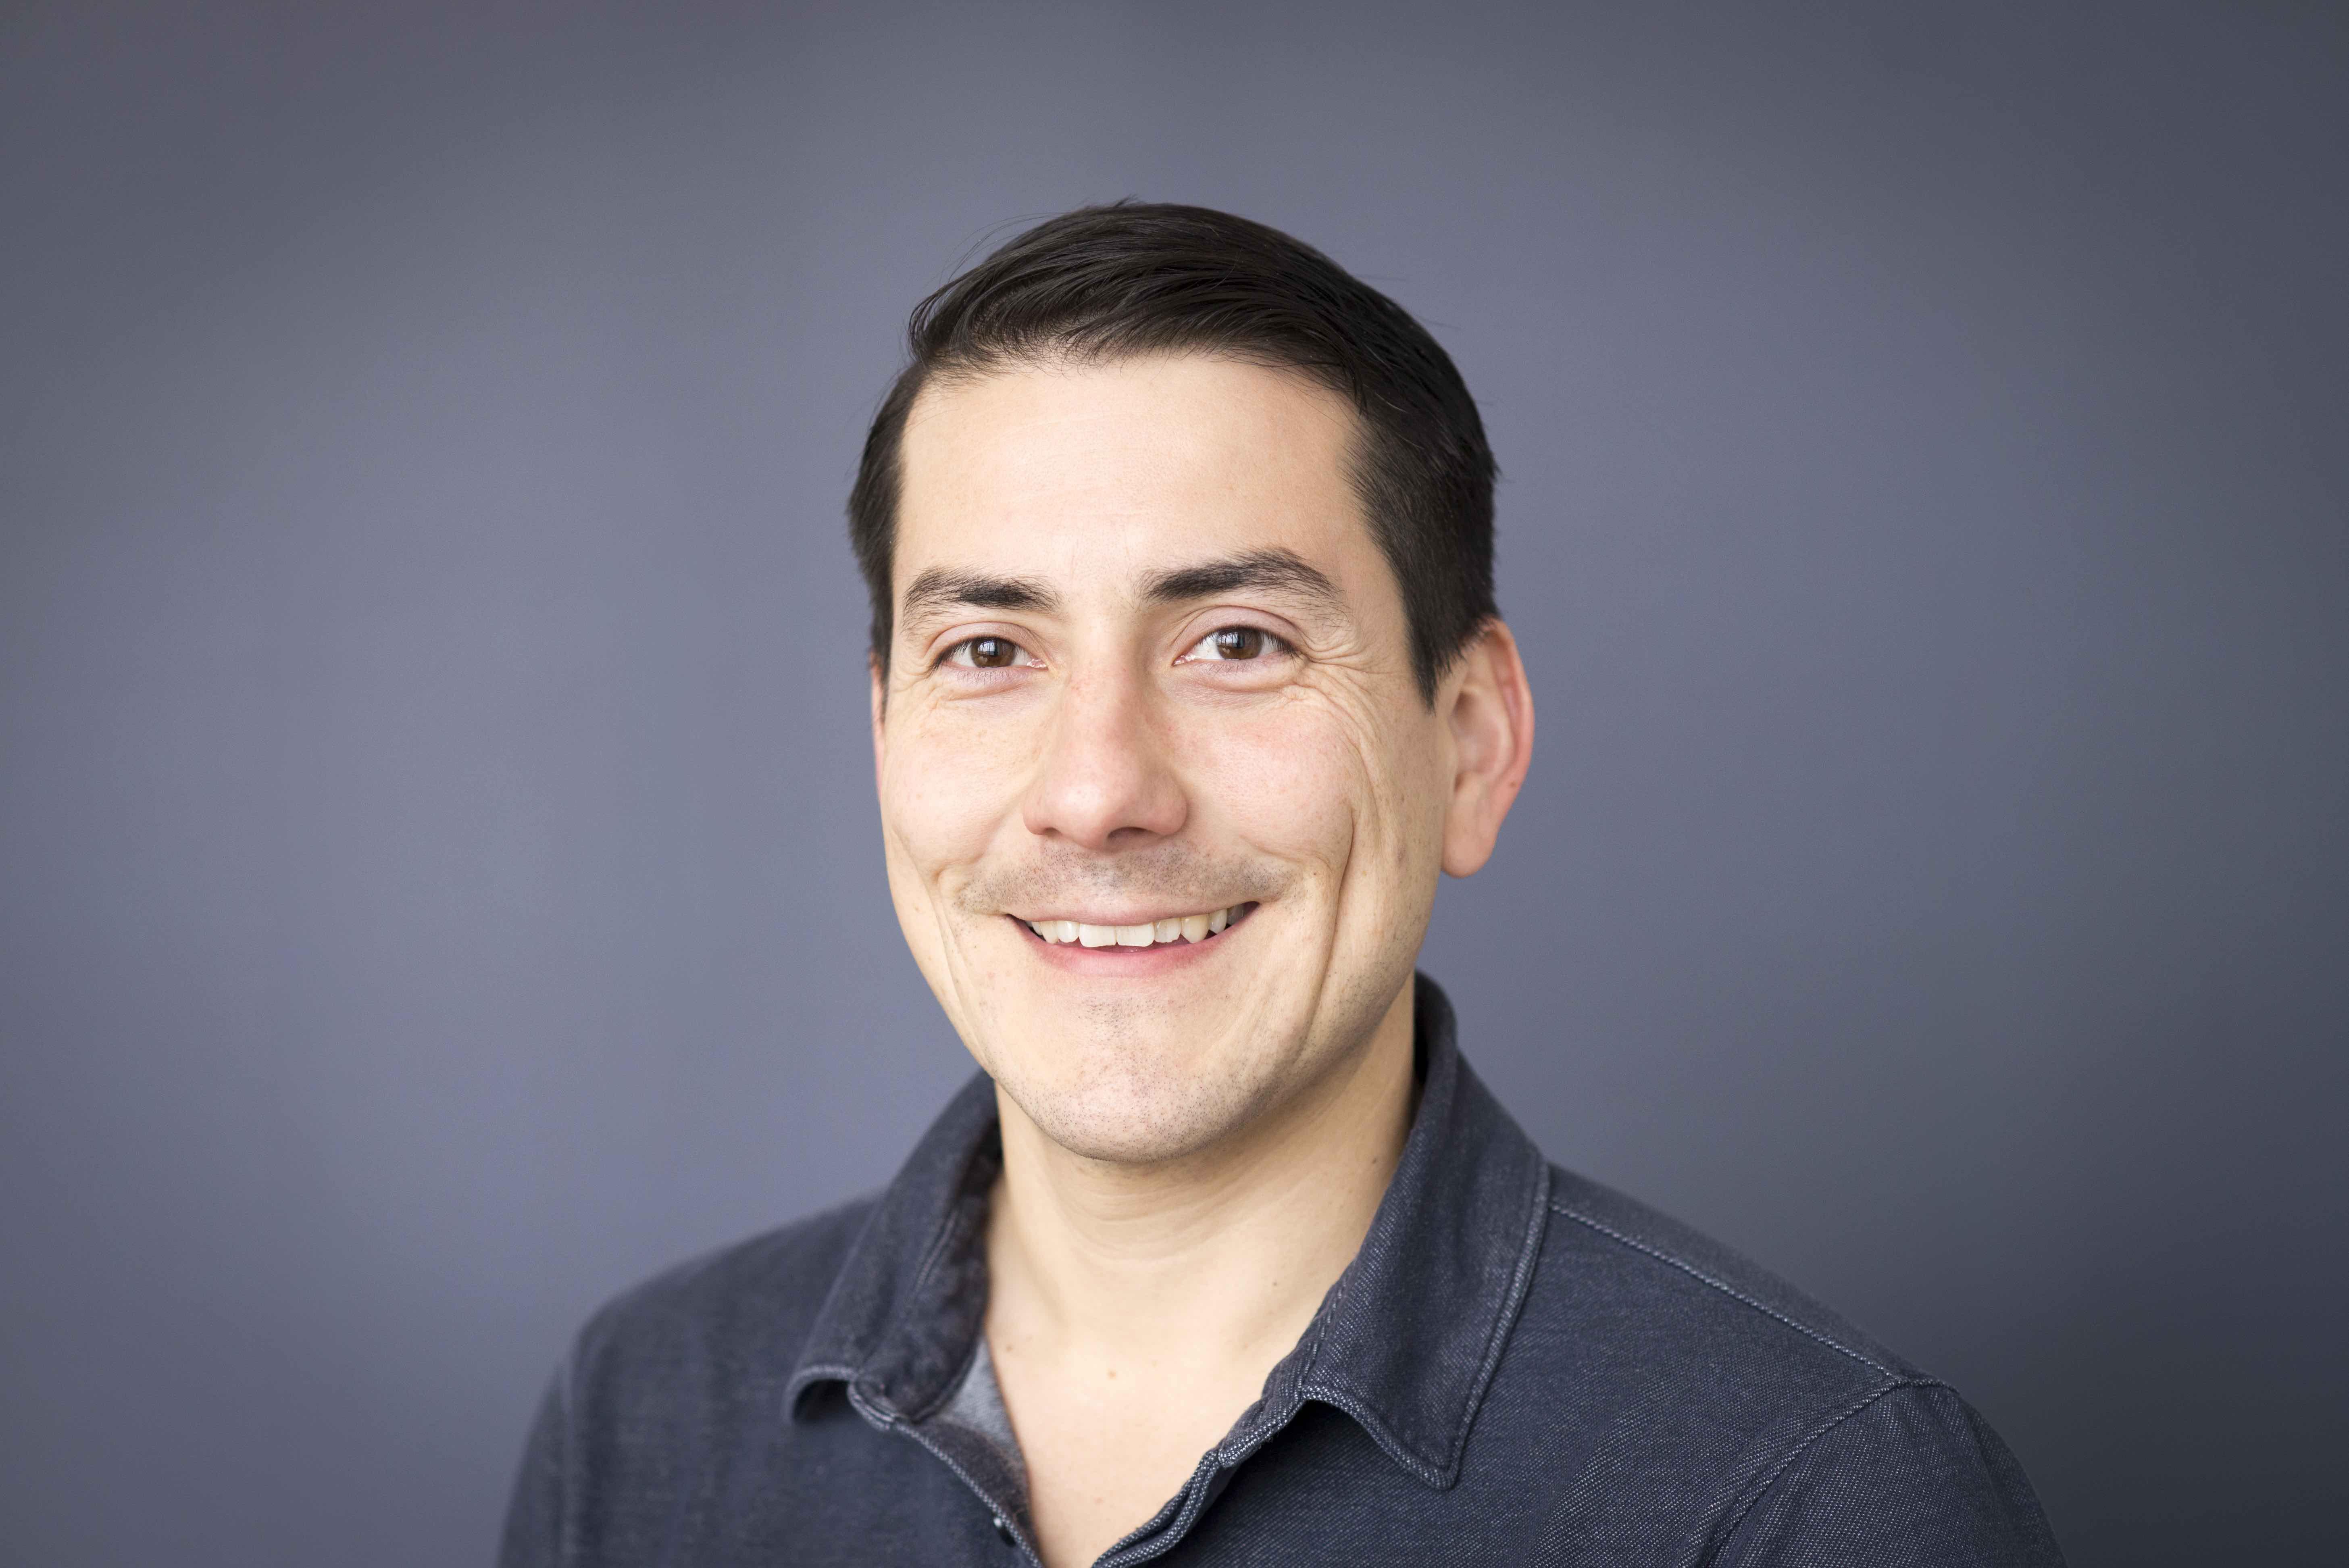 Luis Manriquez